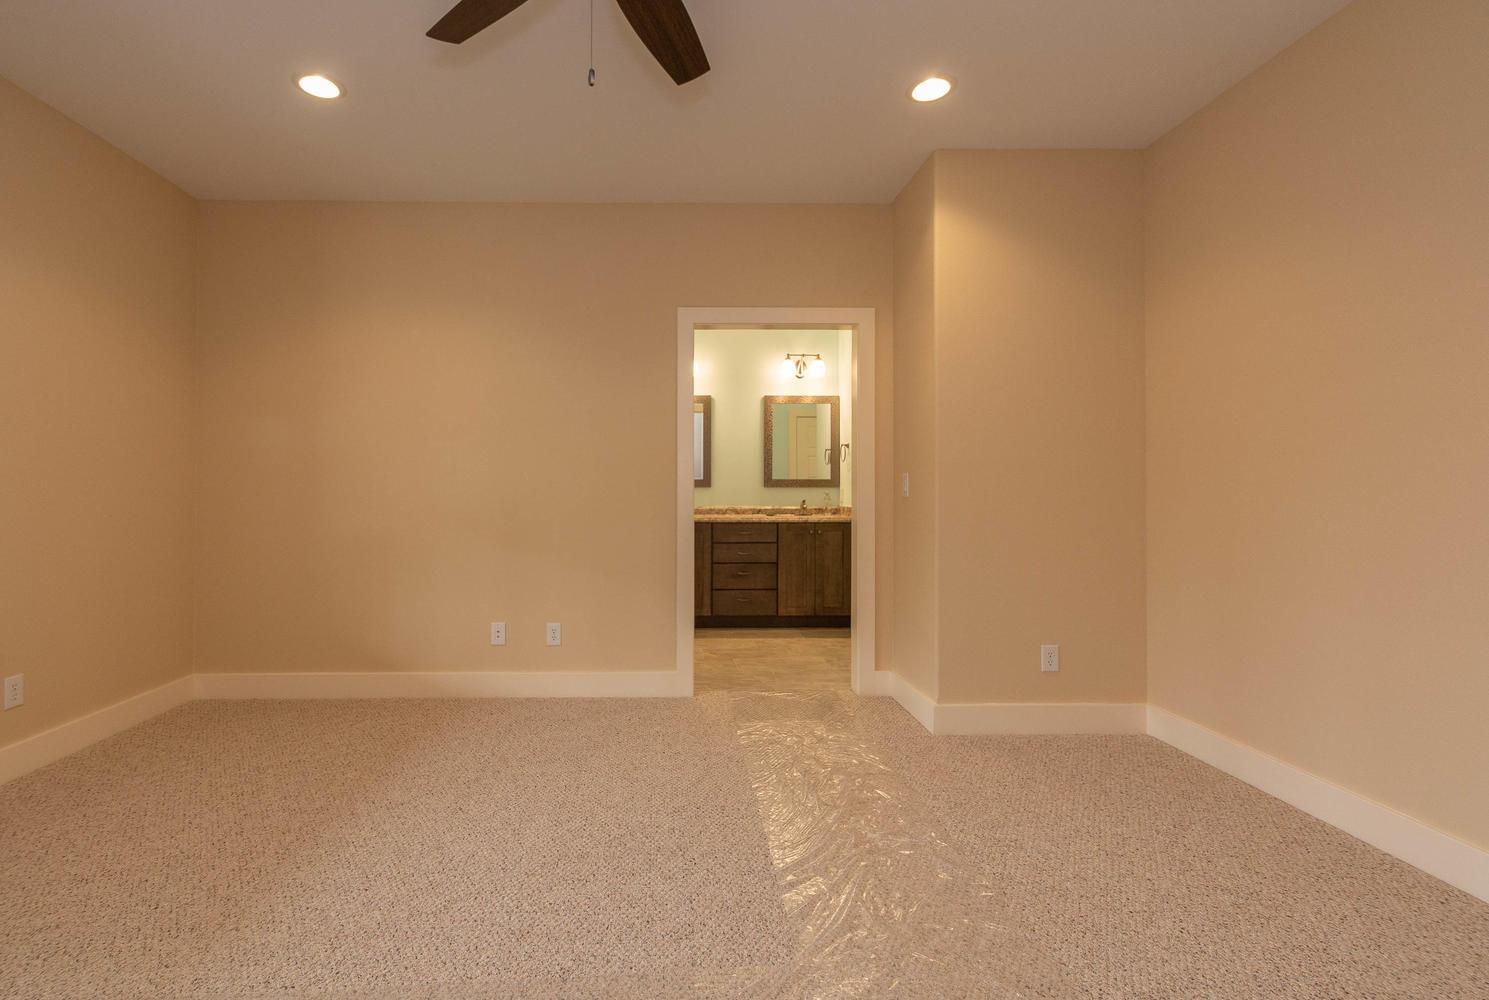 157 W Hilltop Lane Nashville-large-026-101-Master Bedroom-1489×1000-72dpi